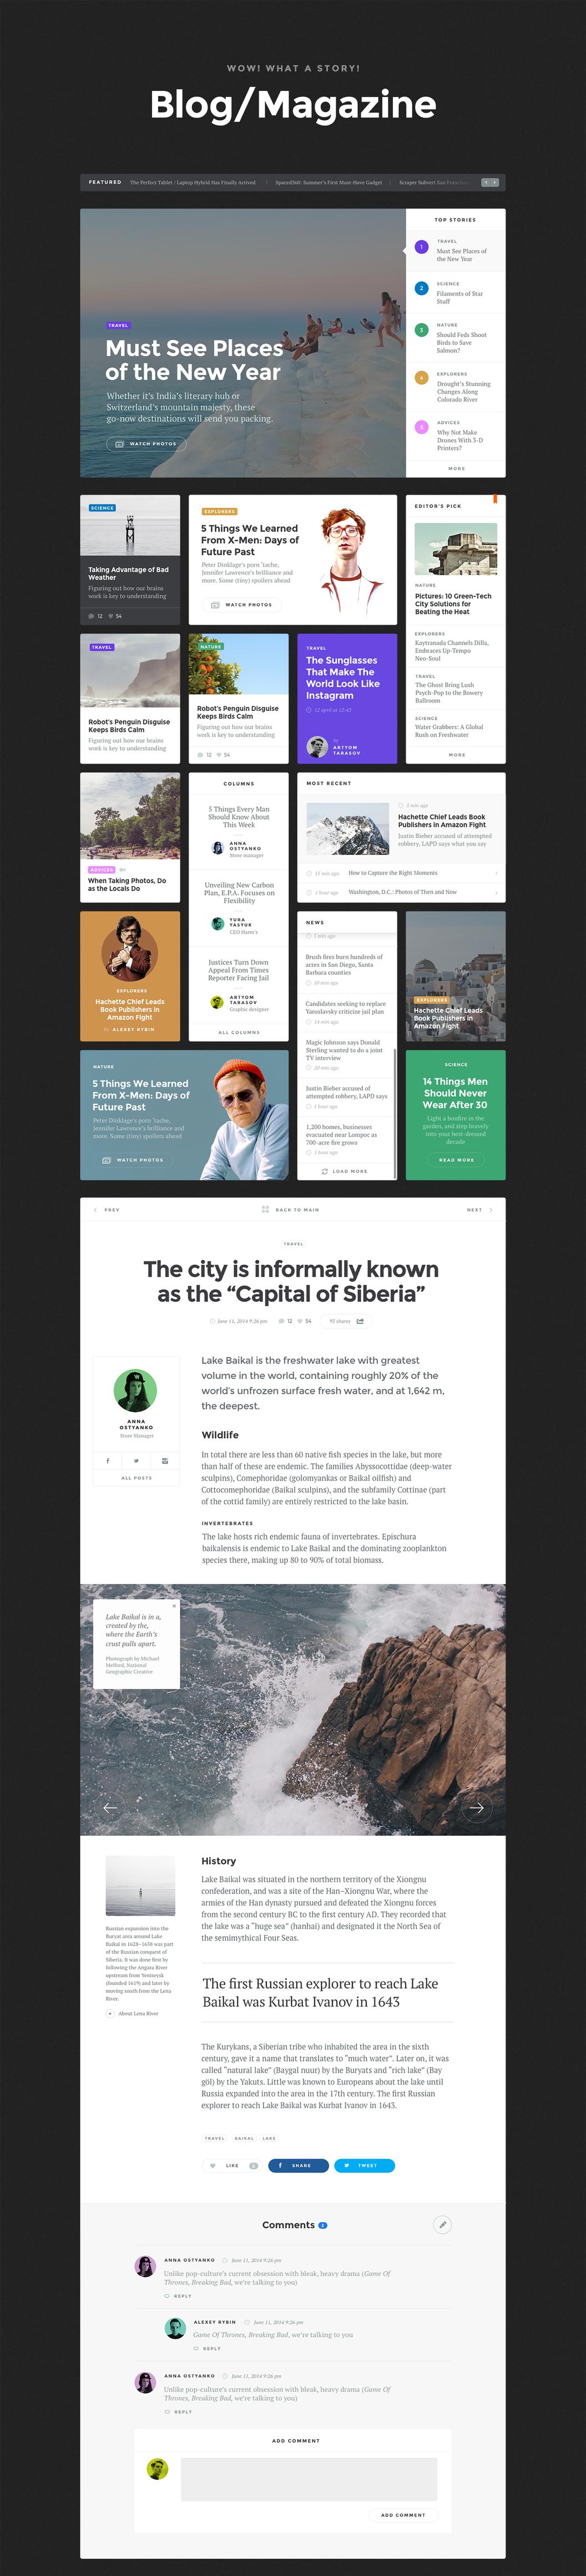 web ui design tools - full_Blog_1421784224345